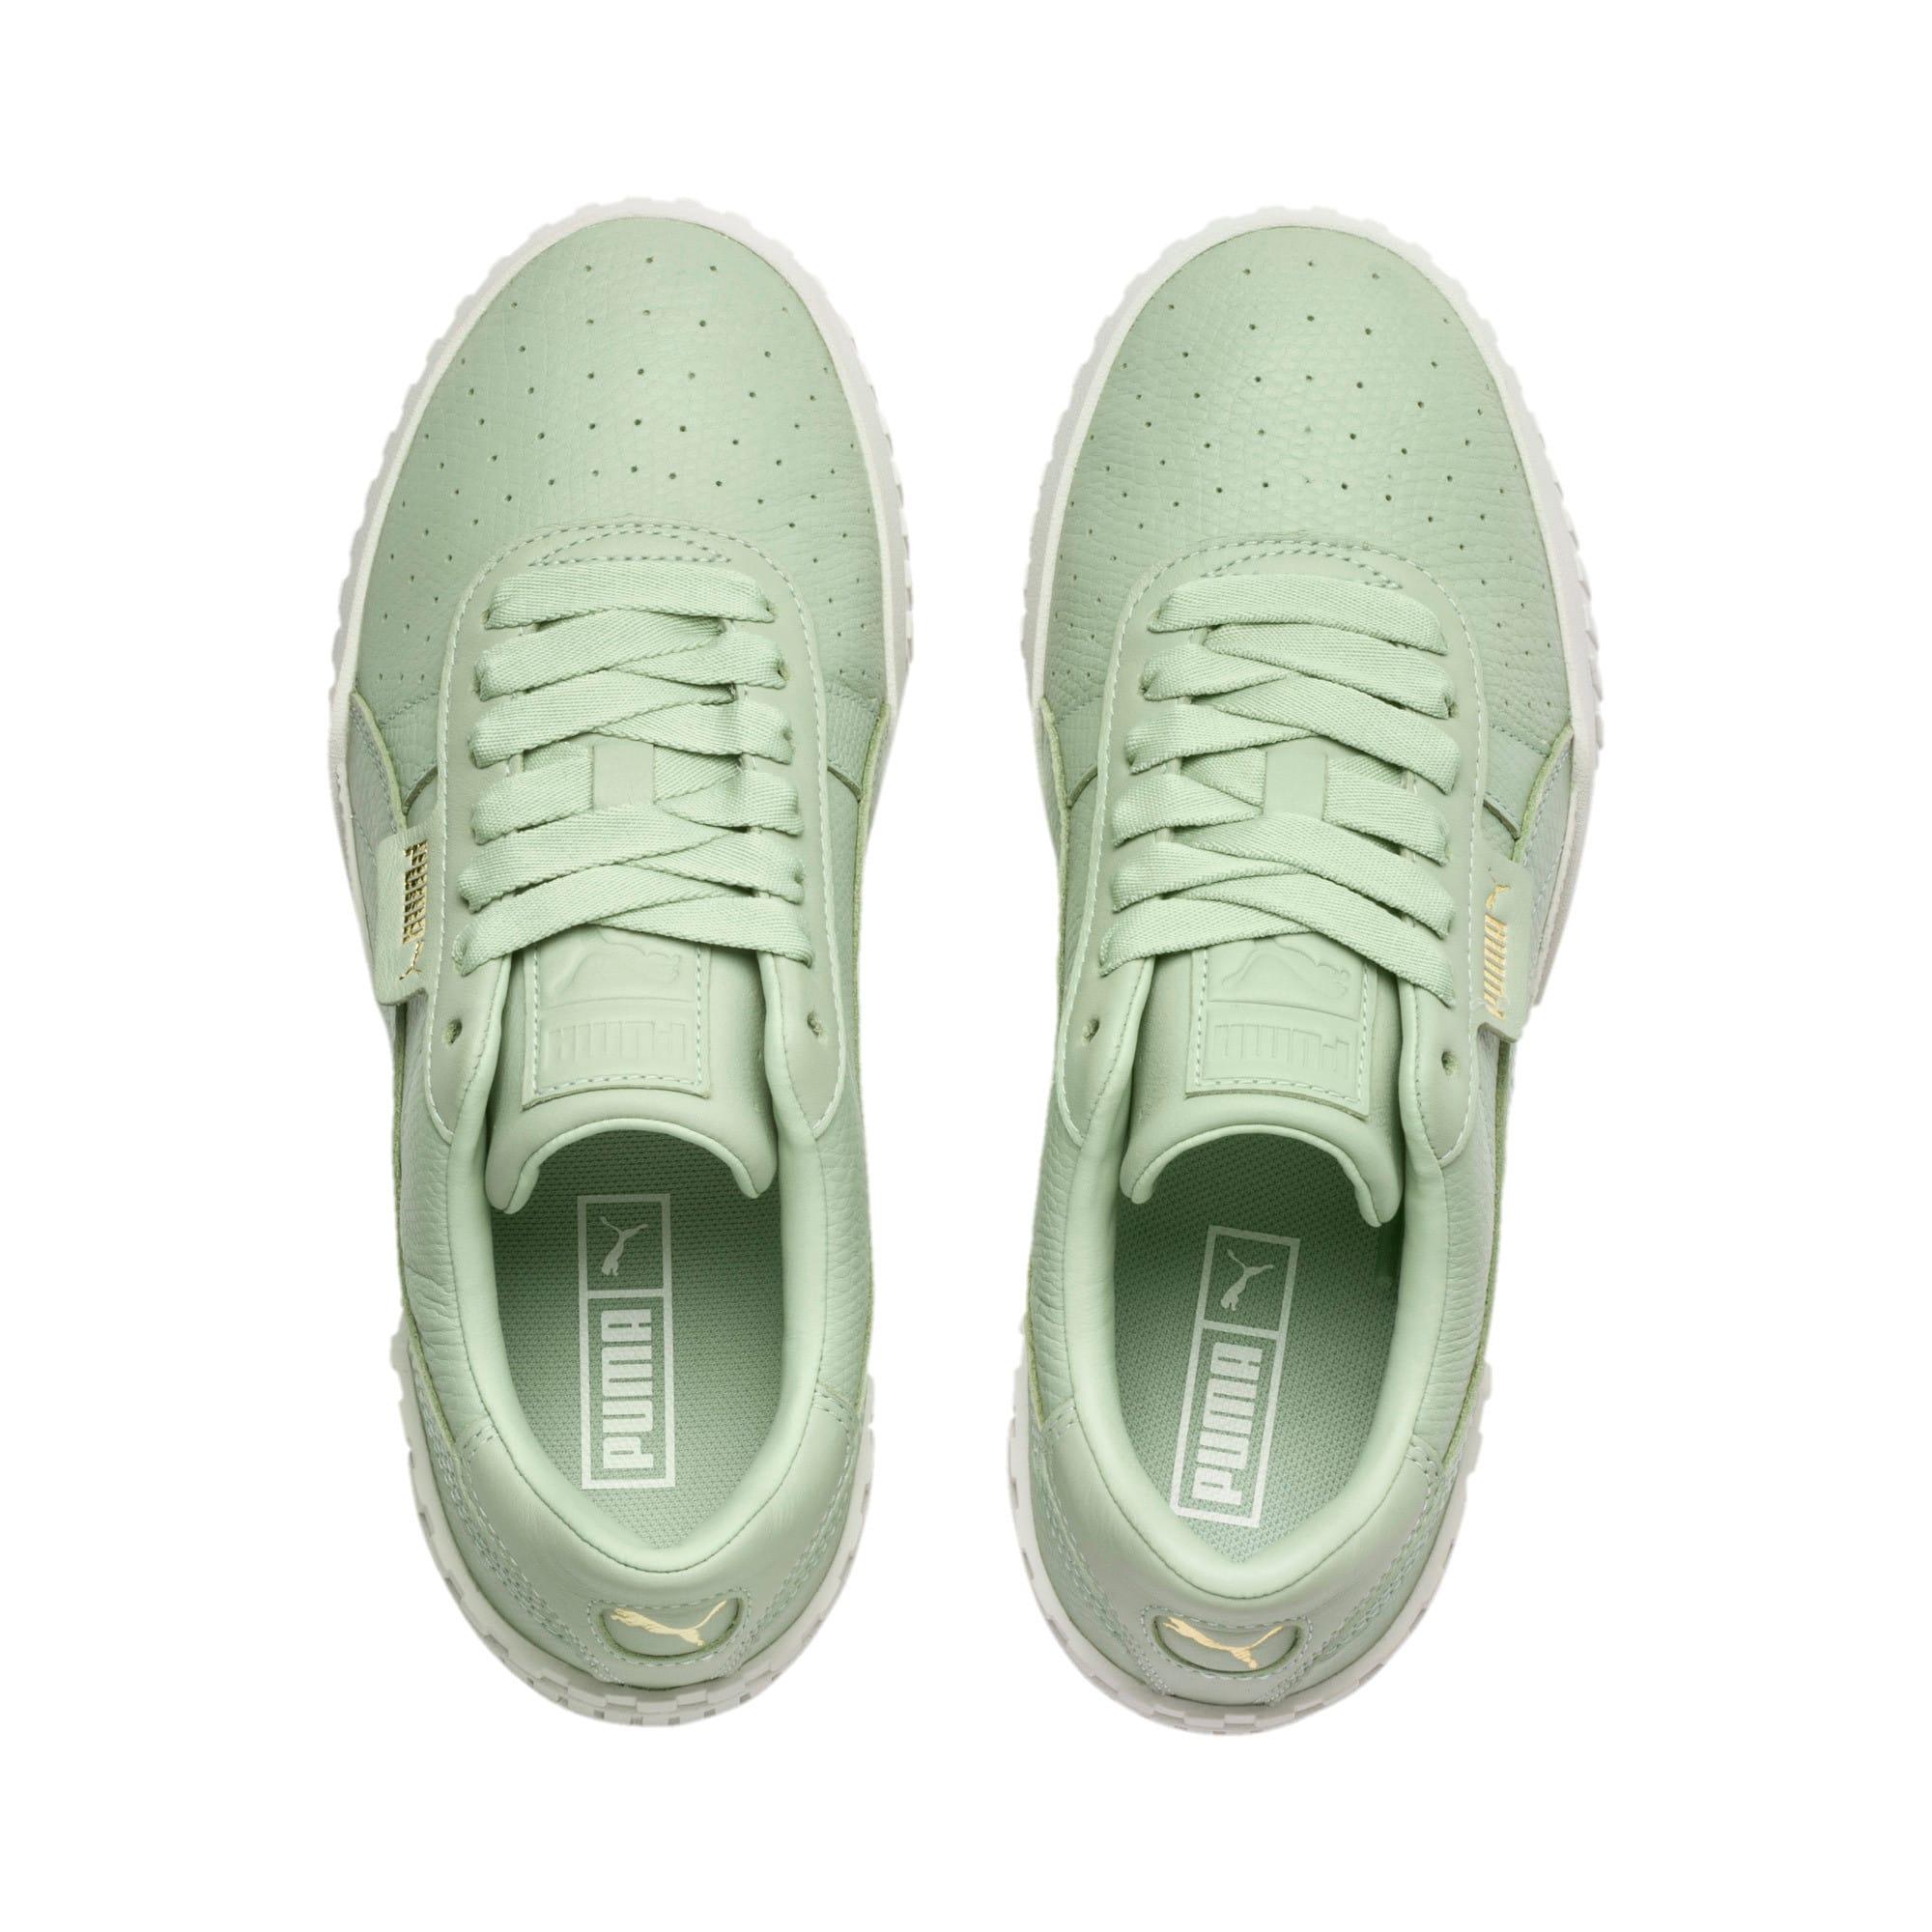 Thumbnail 7 of Cali Emboss Women's Sneakers, Smoke Green-Smoke Green, medium